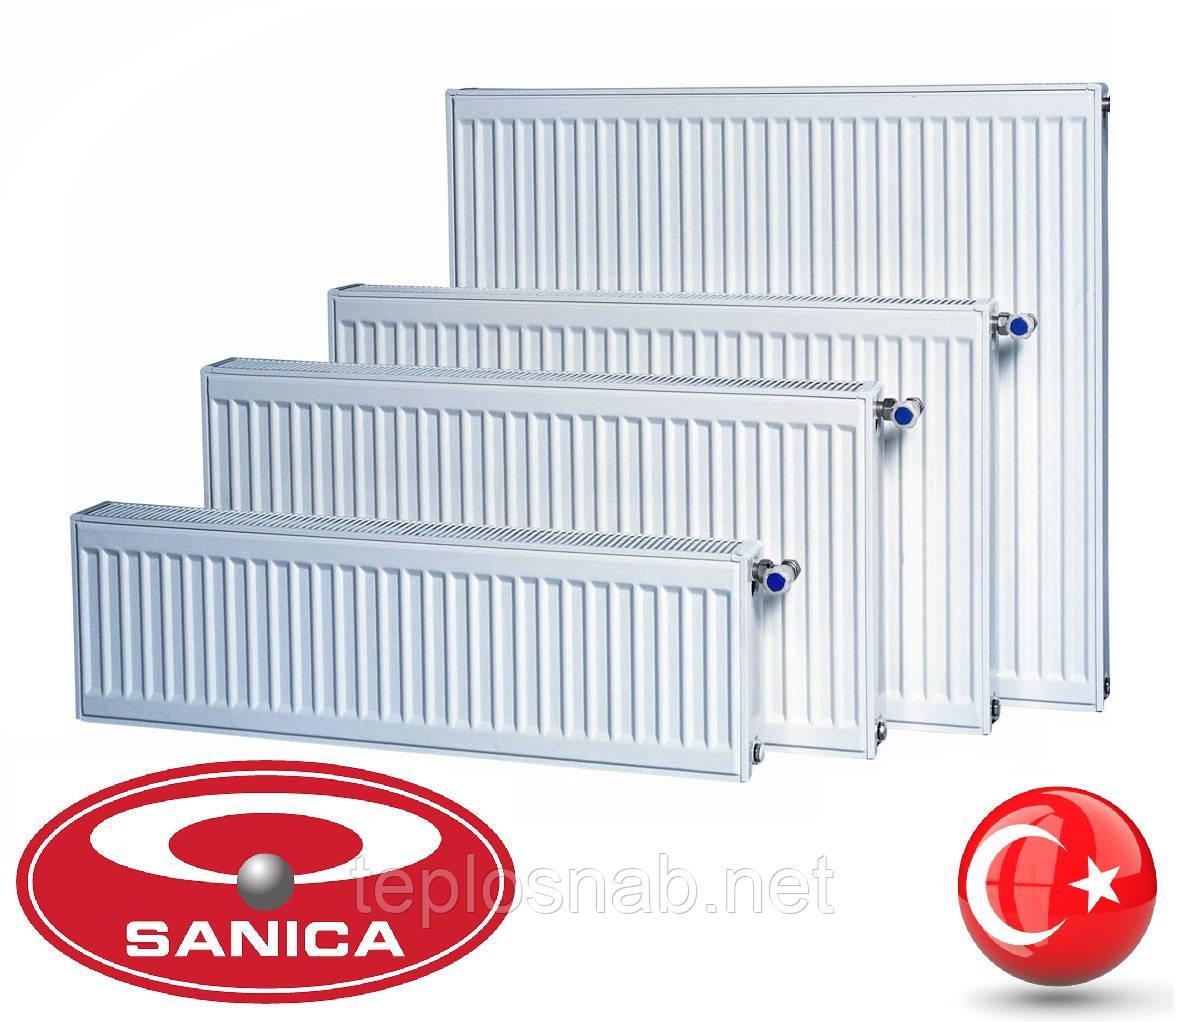 Стальной радиатор Sanica 11 тип (500 х 1200 мм) / 1184 Вт